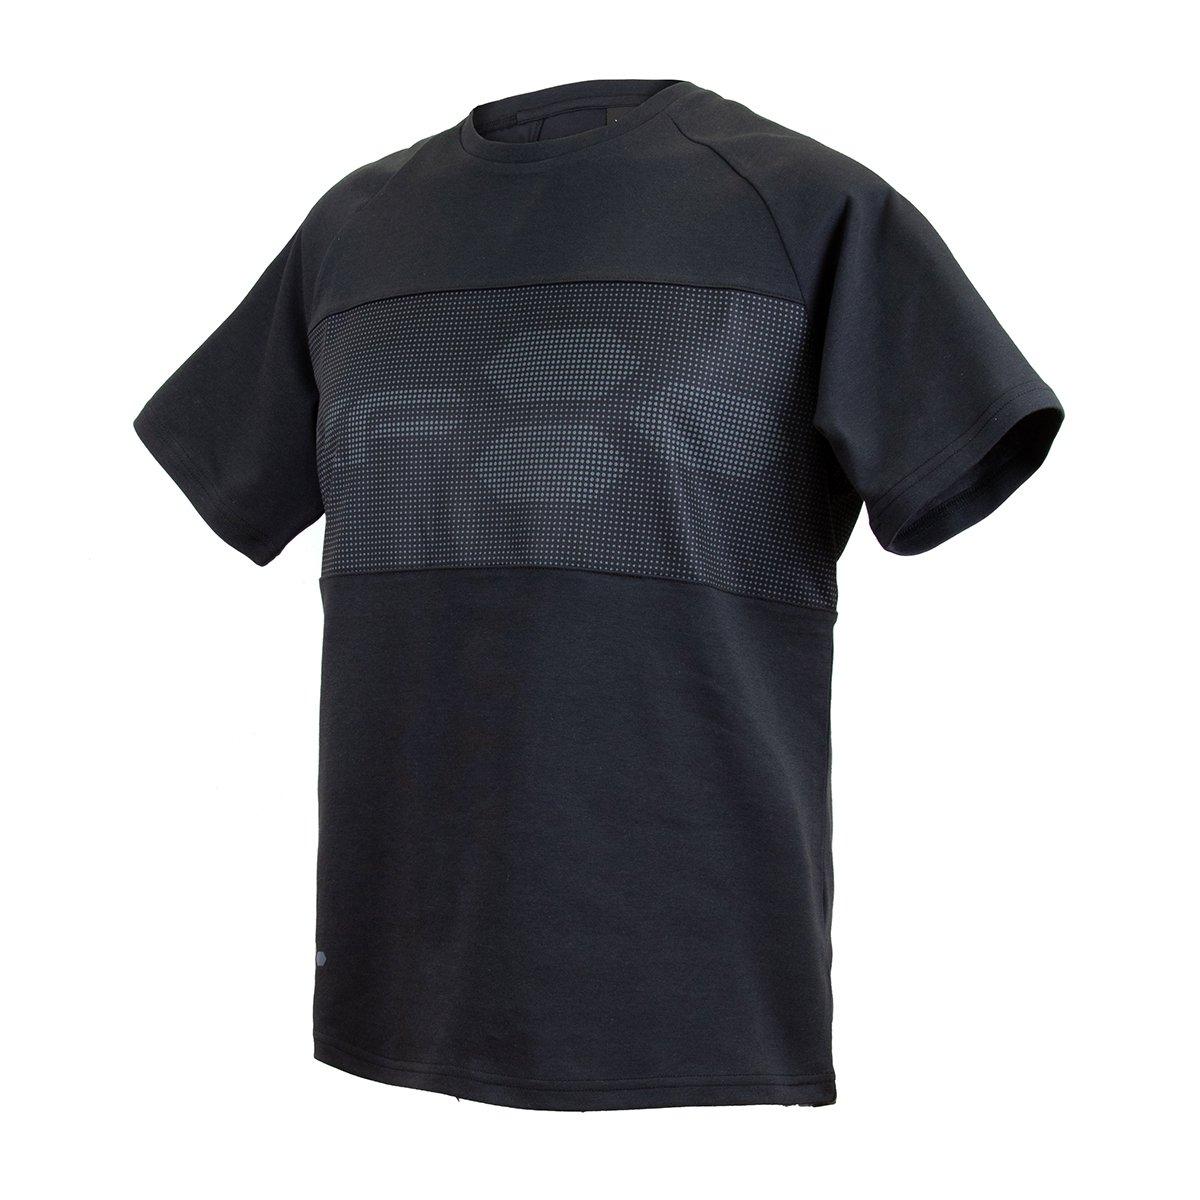 Tシャツ Design02 ブラック